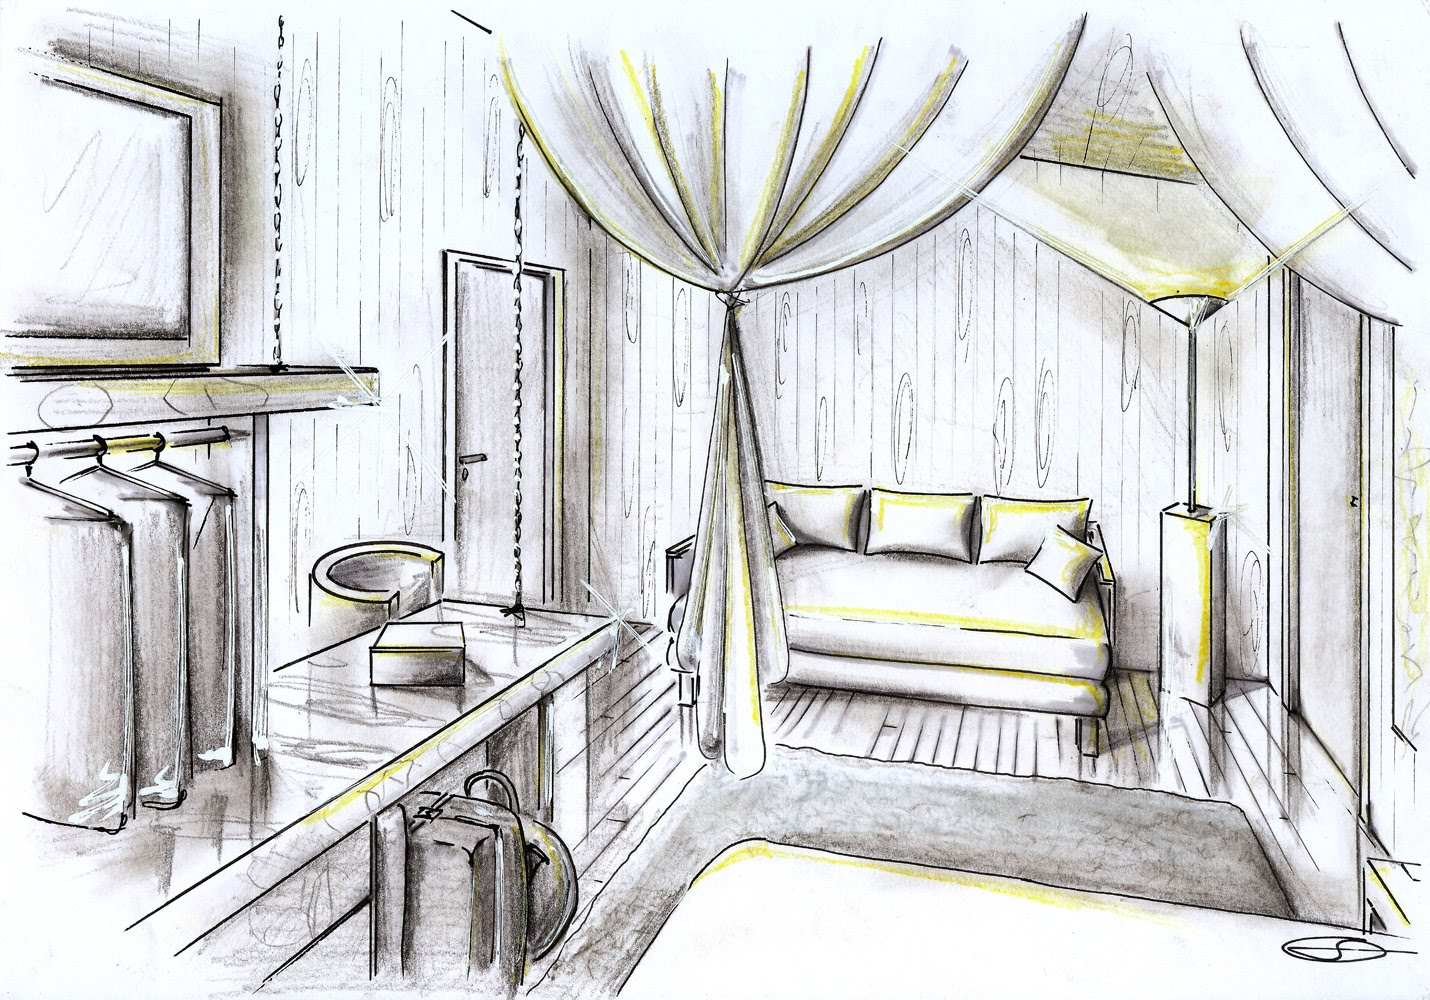 decoracao de interiores de casas de campo : decoracao de interiores de casas de campo:chalé acomoda 4 pessoas – uma cama de casal, com ar bem romântico